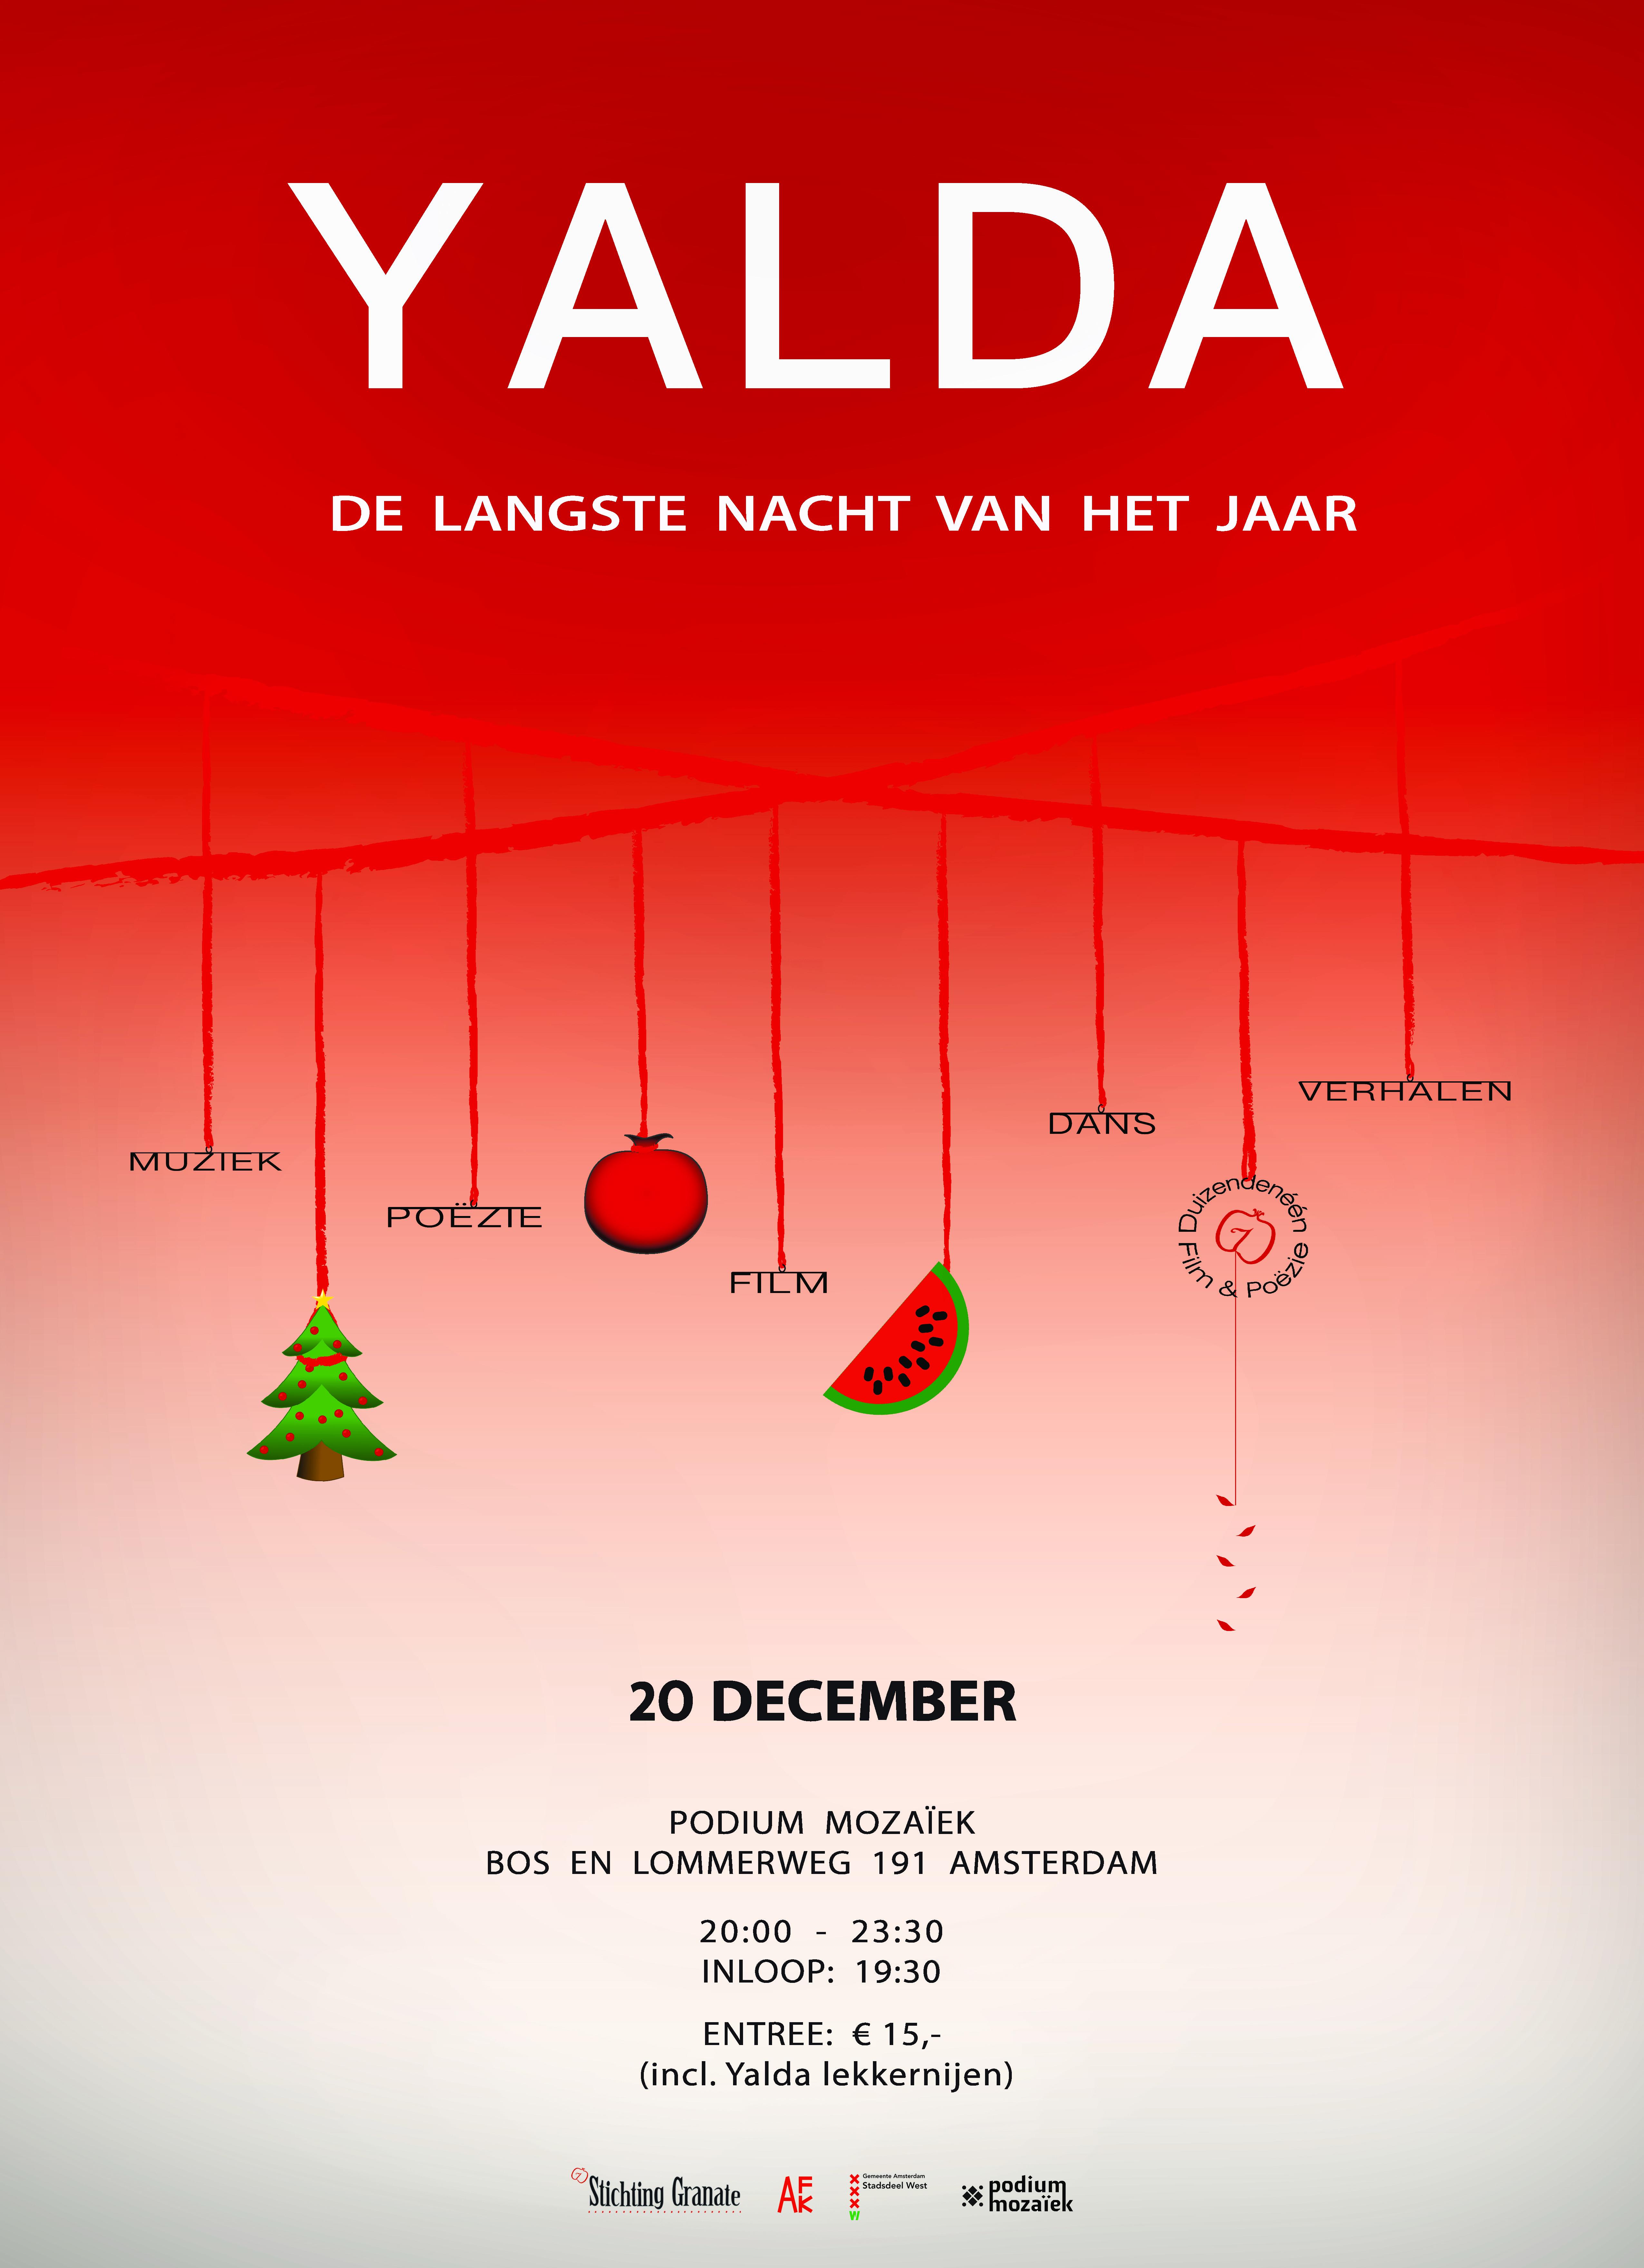 20 Dec 2016 – Yalda